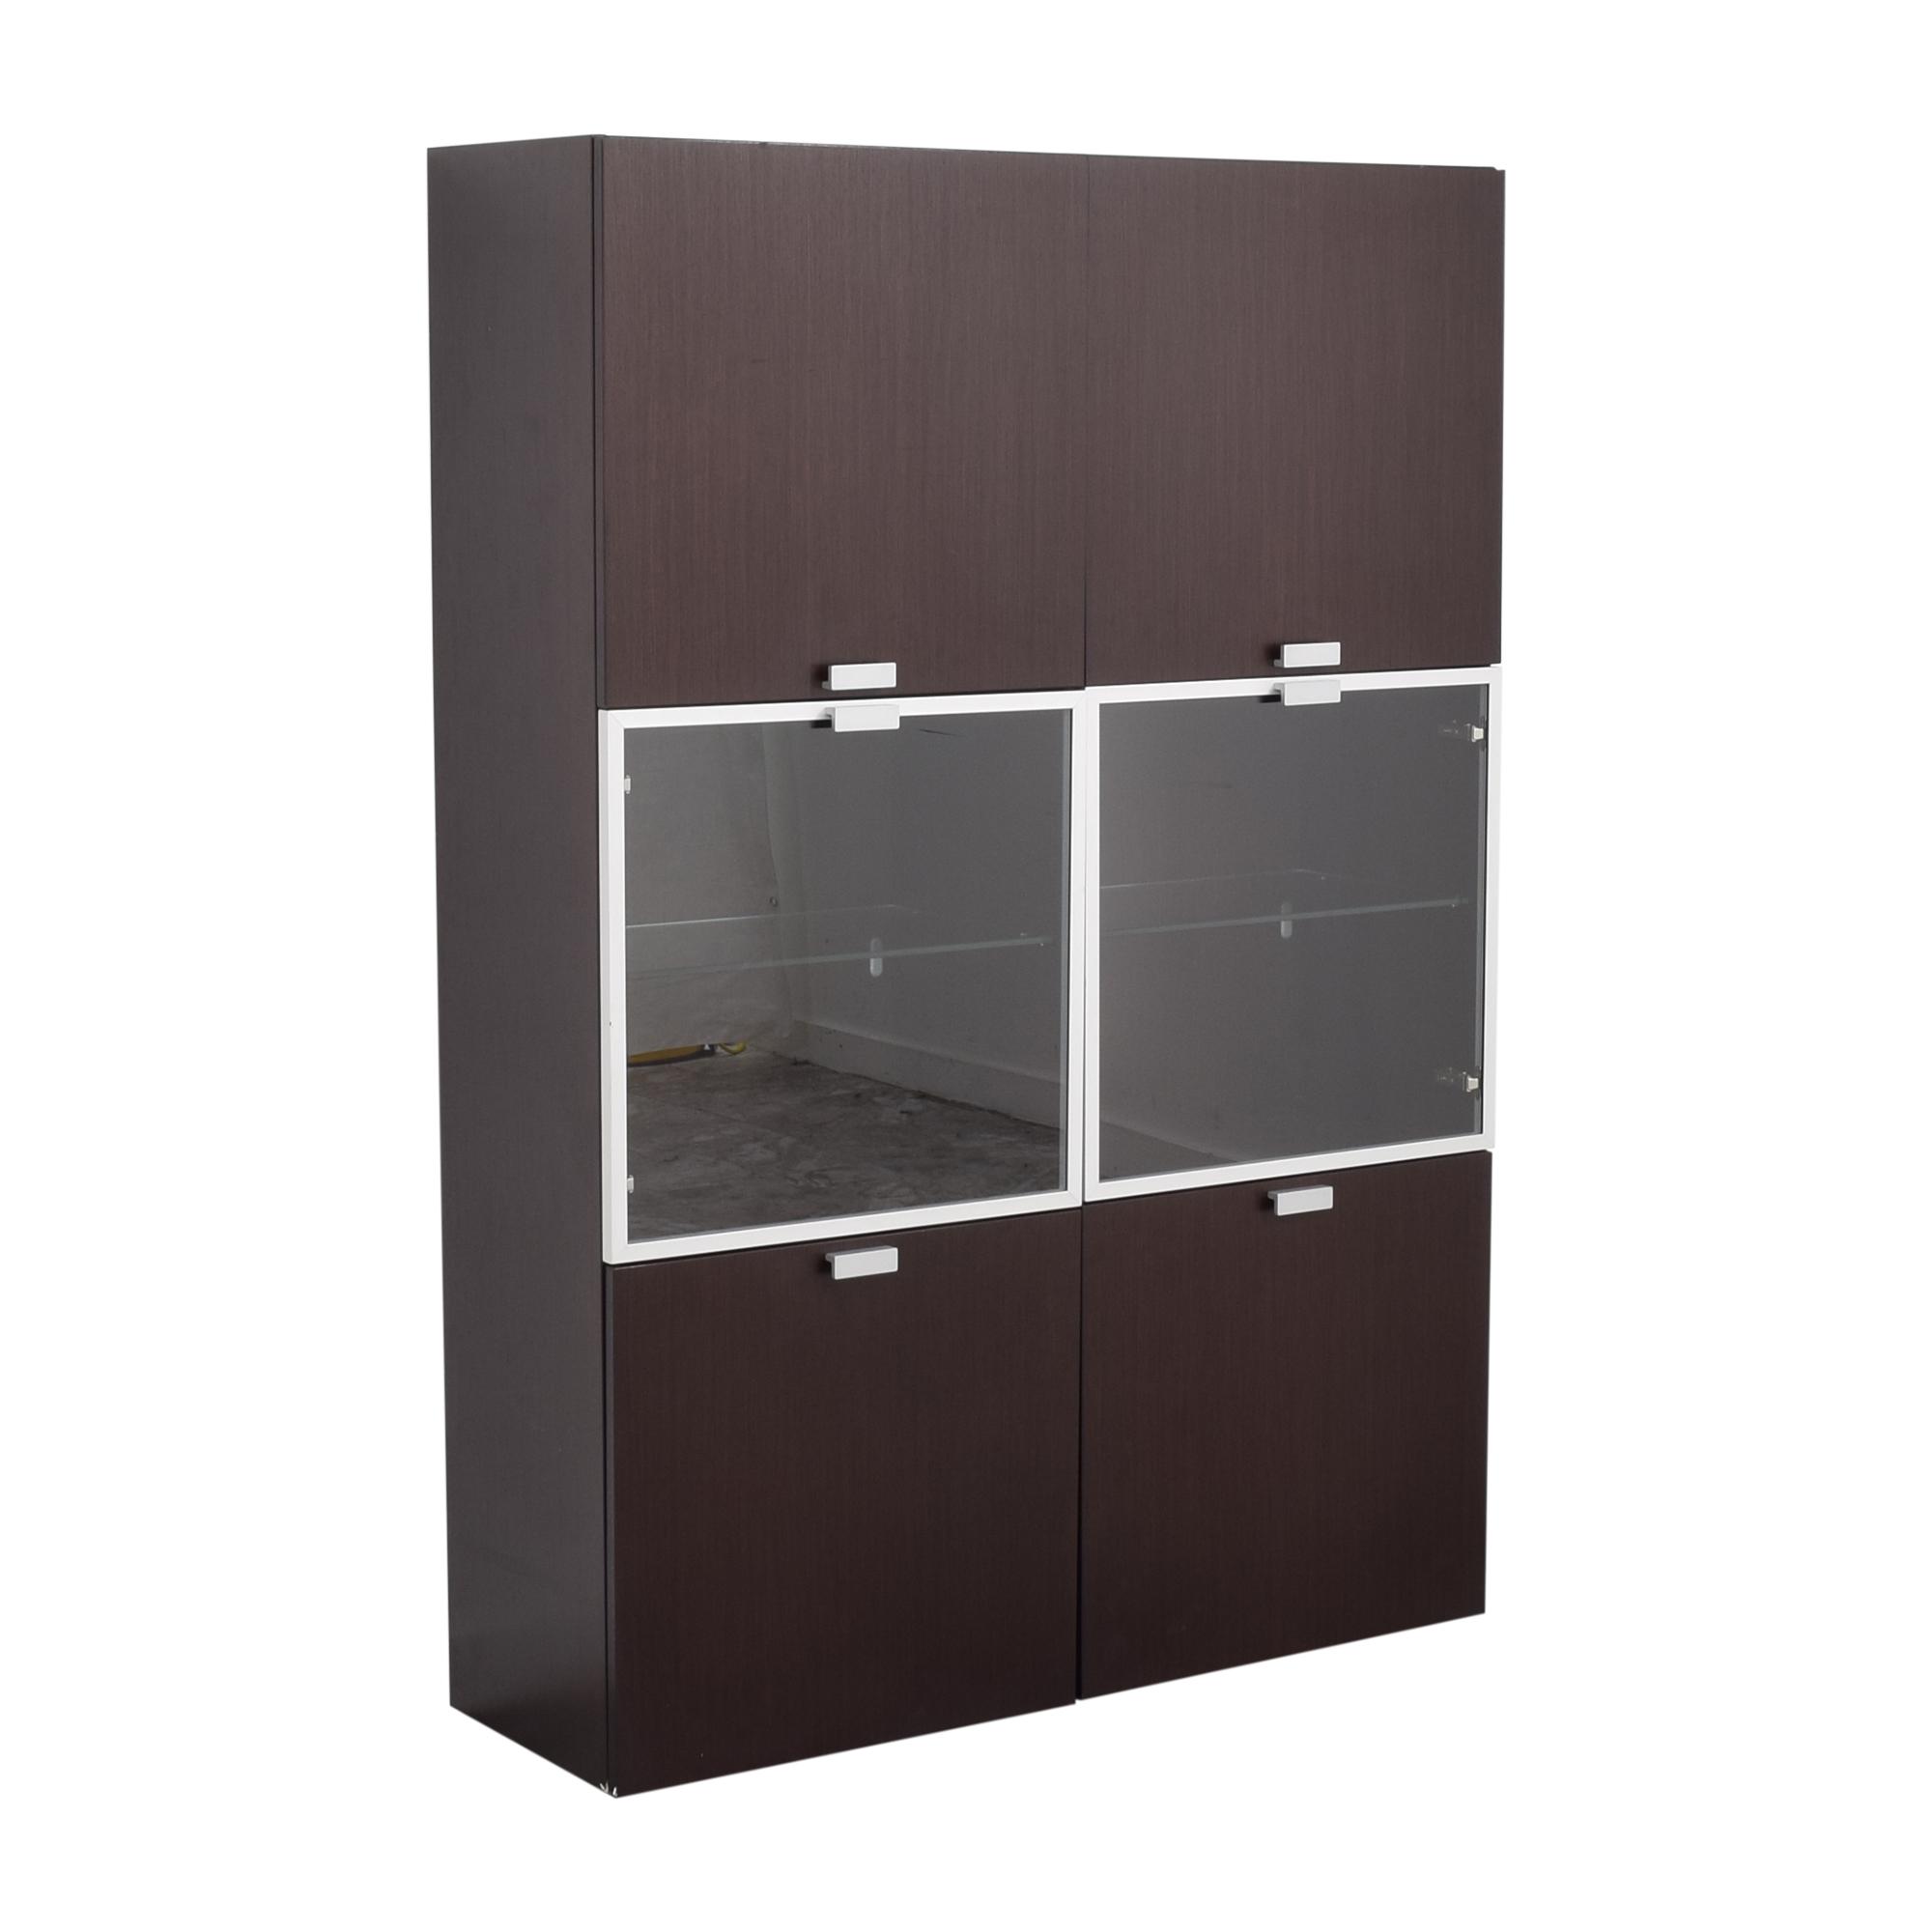 shop Jensen-Lewis Jensen-Lewis Upright Double Cabinet online